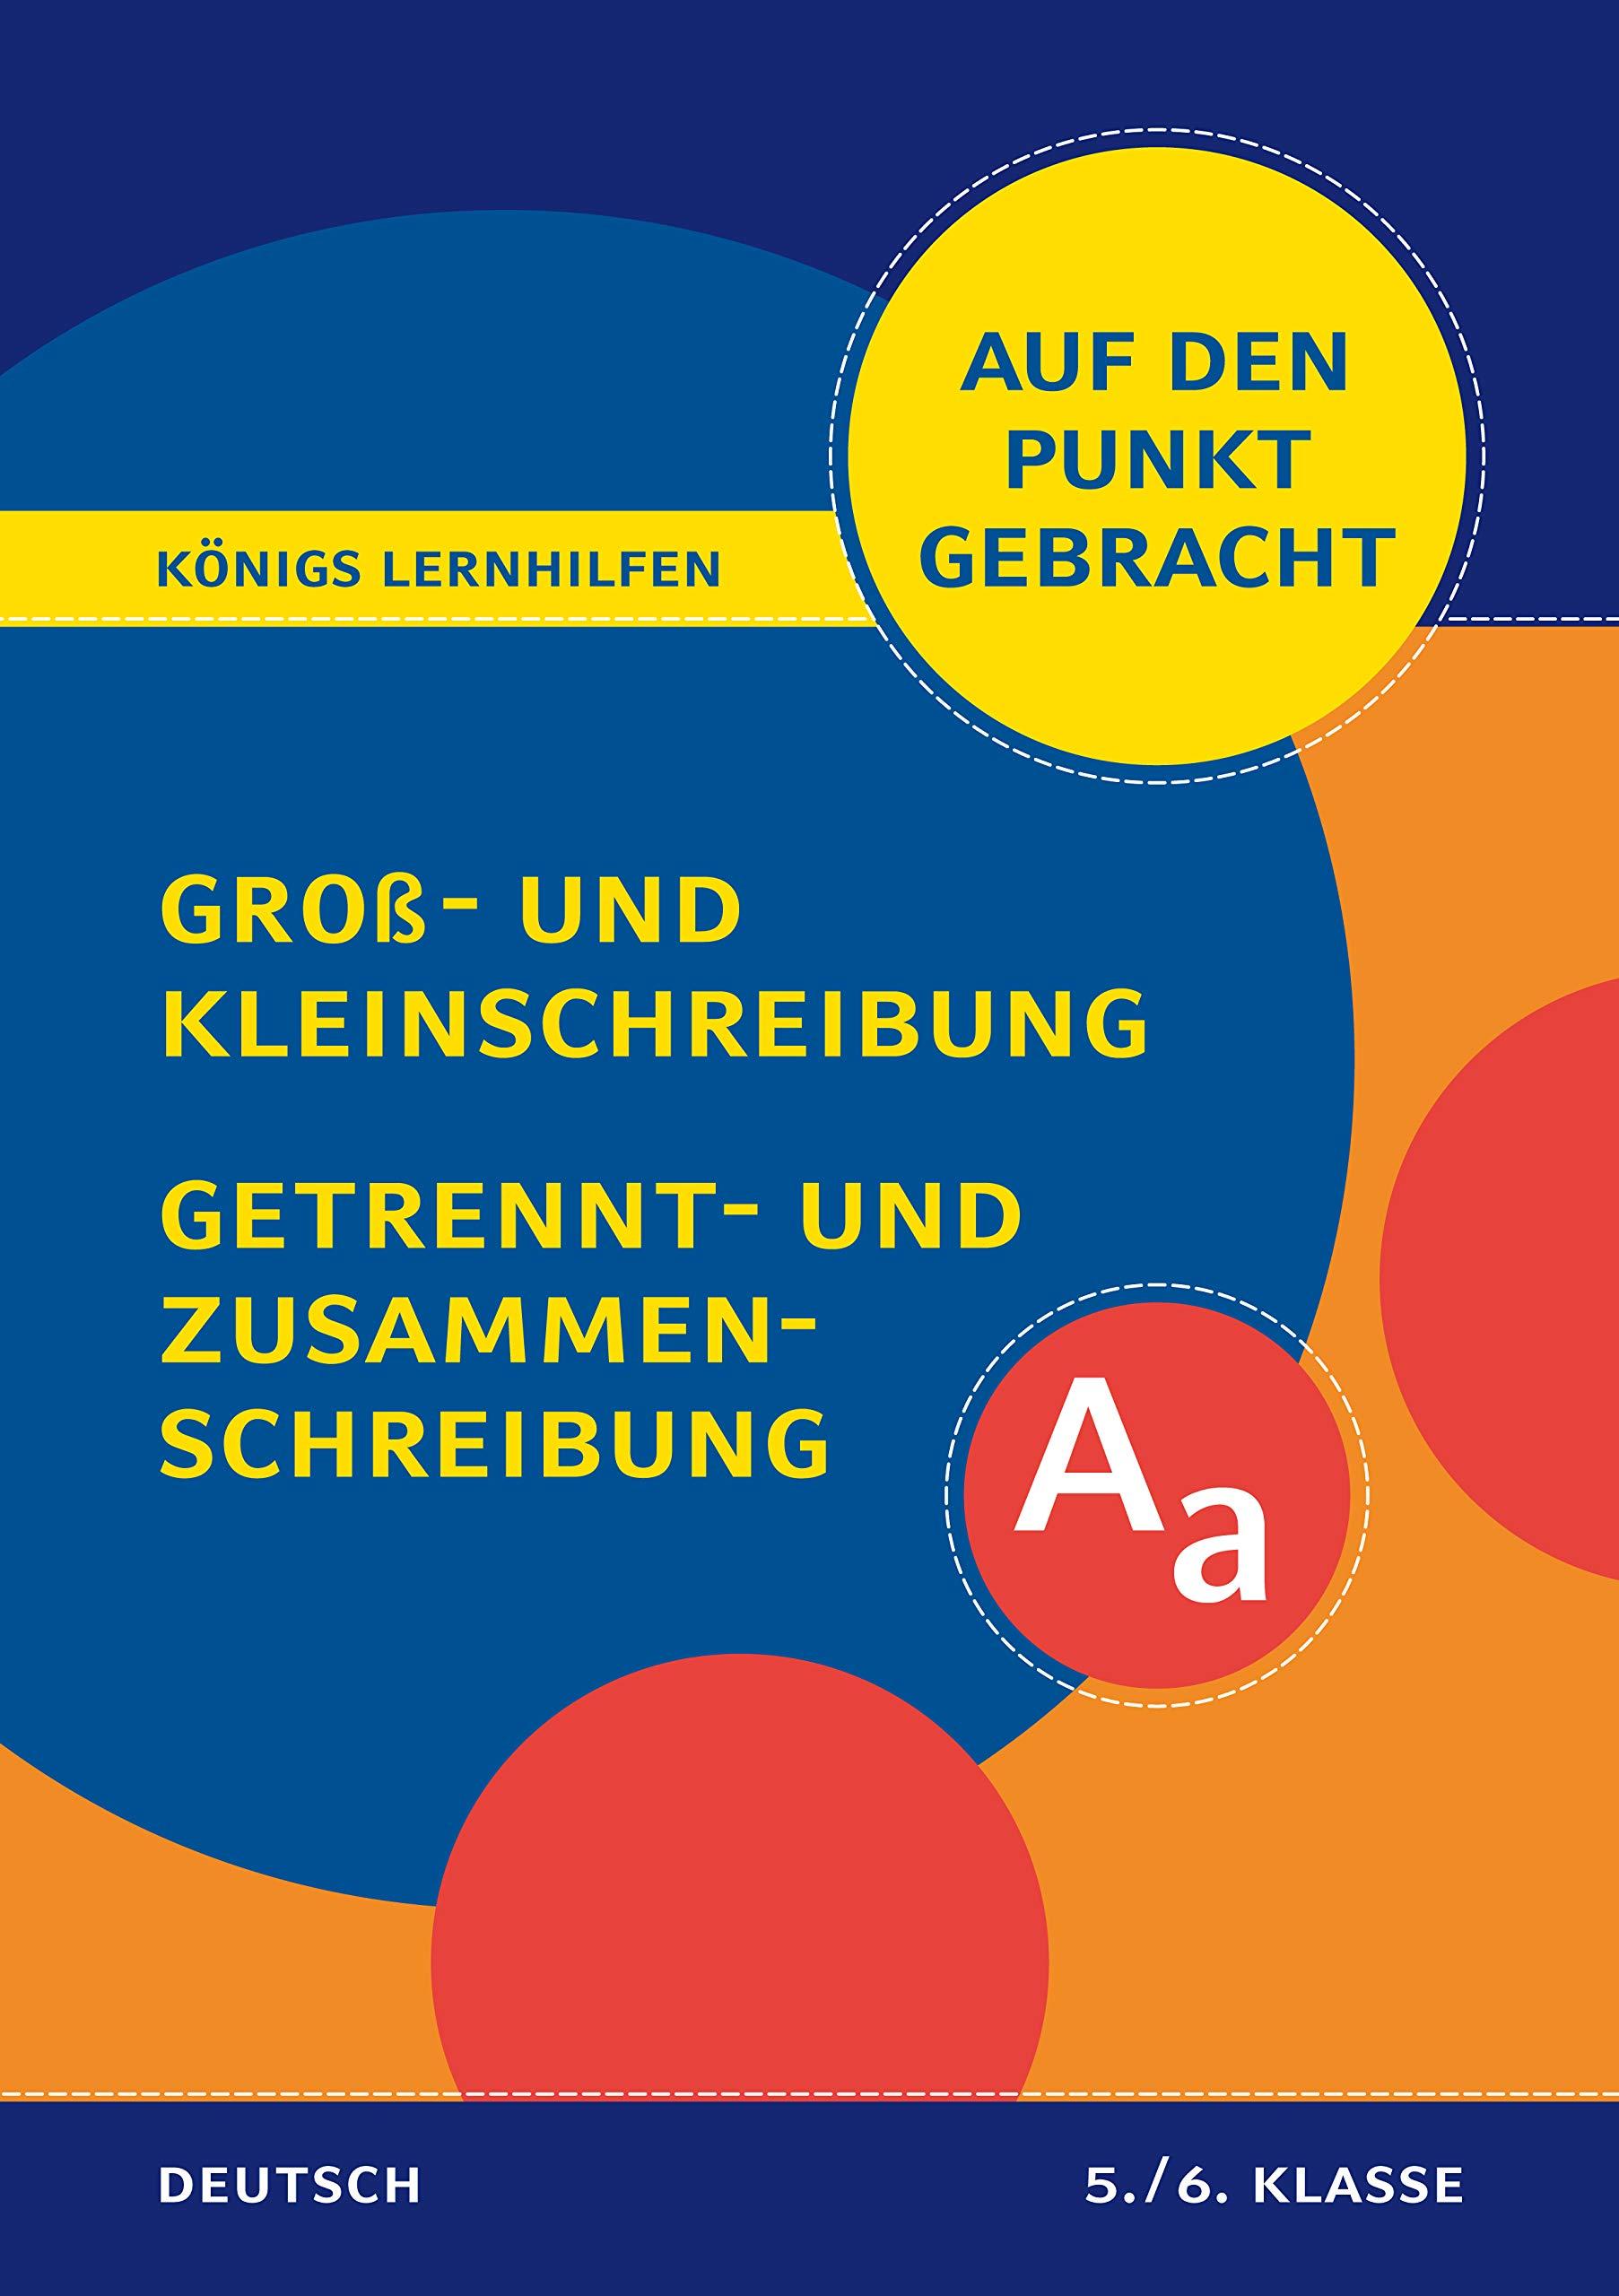 Groß- und Kleinschreibung, Getrennt- und Zusammenschreibung für die 5. und 6. Klasse.: Deutsch auf den Punkt gebracht! (Königs Lernhilfen)